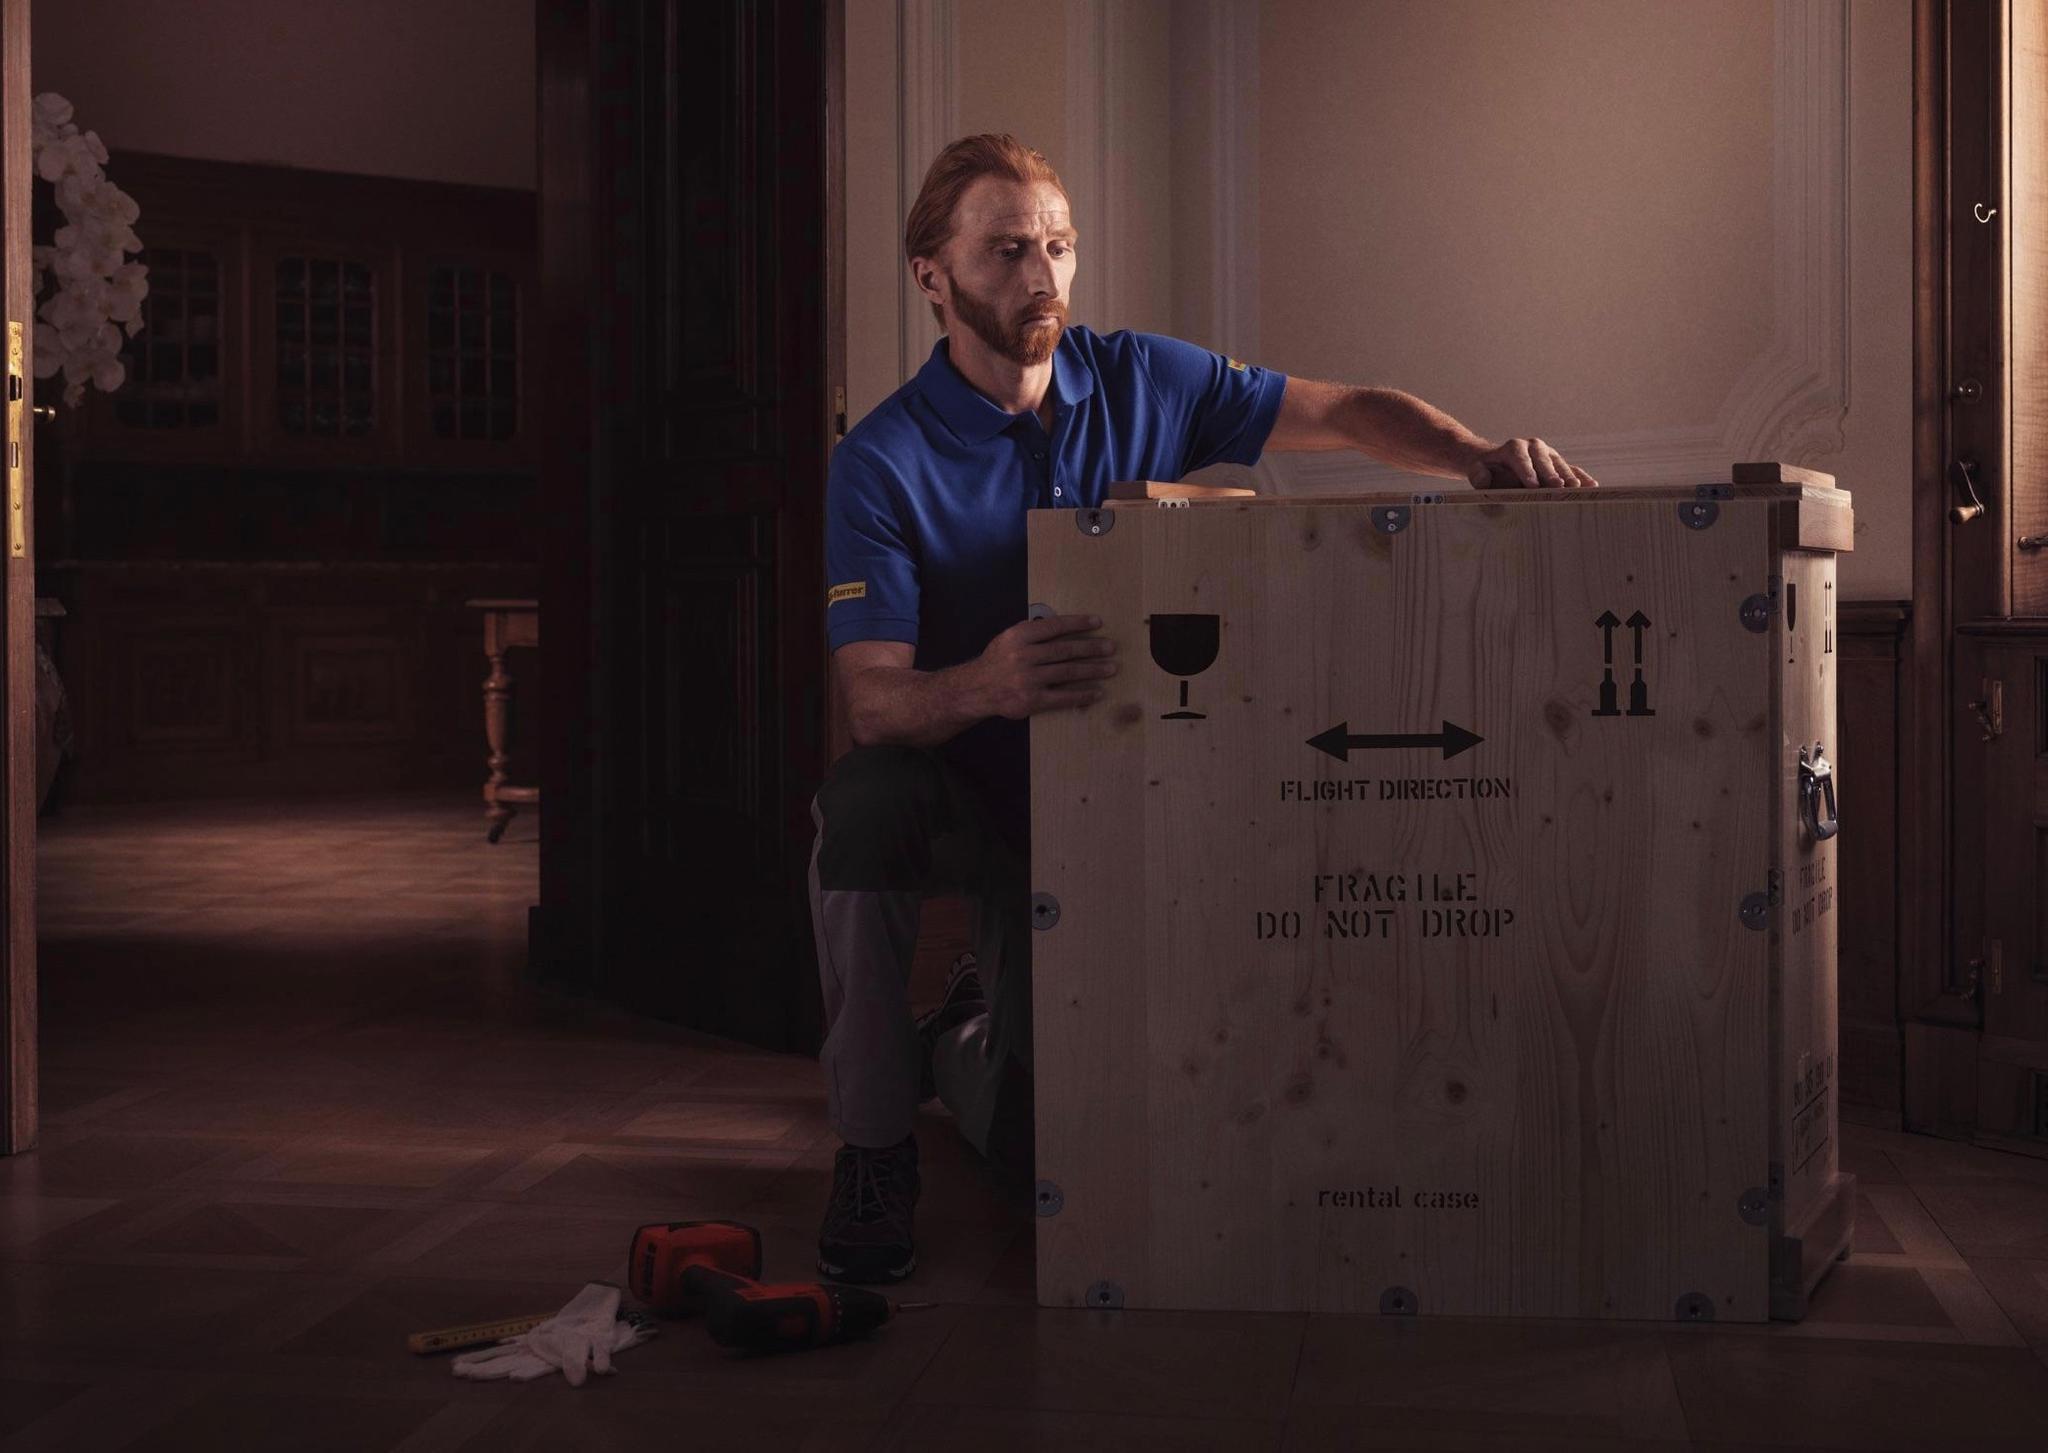 瑞士运输公司 Welti-Furrer 艺术品搬运业务的广告